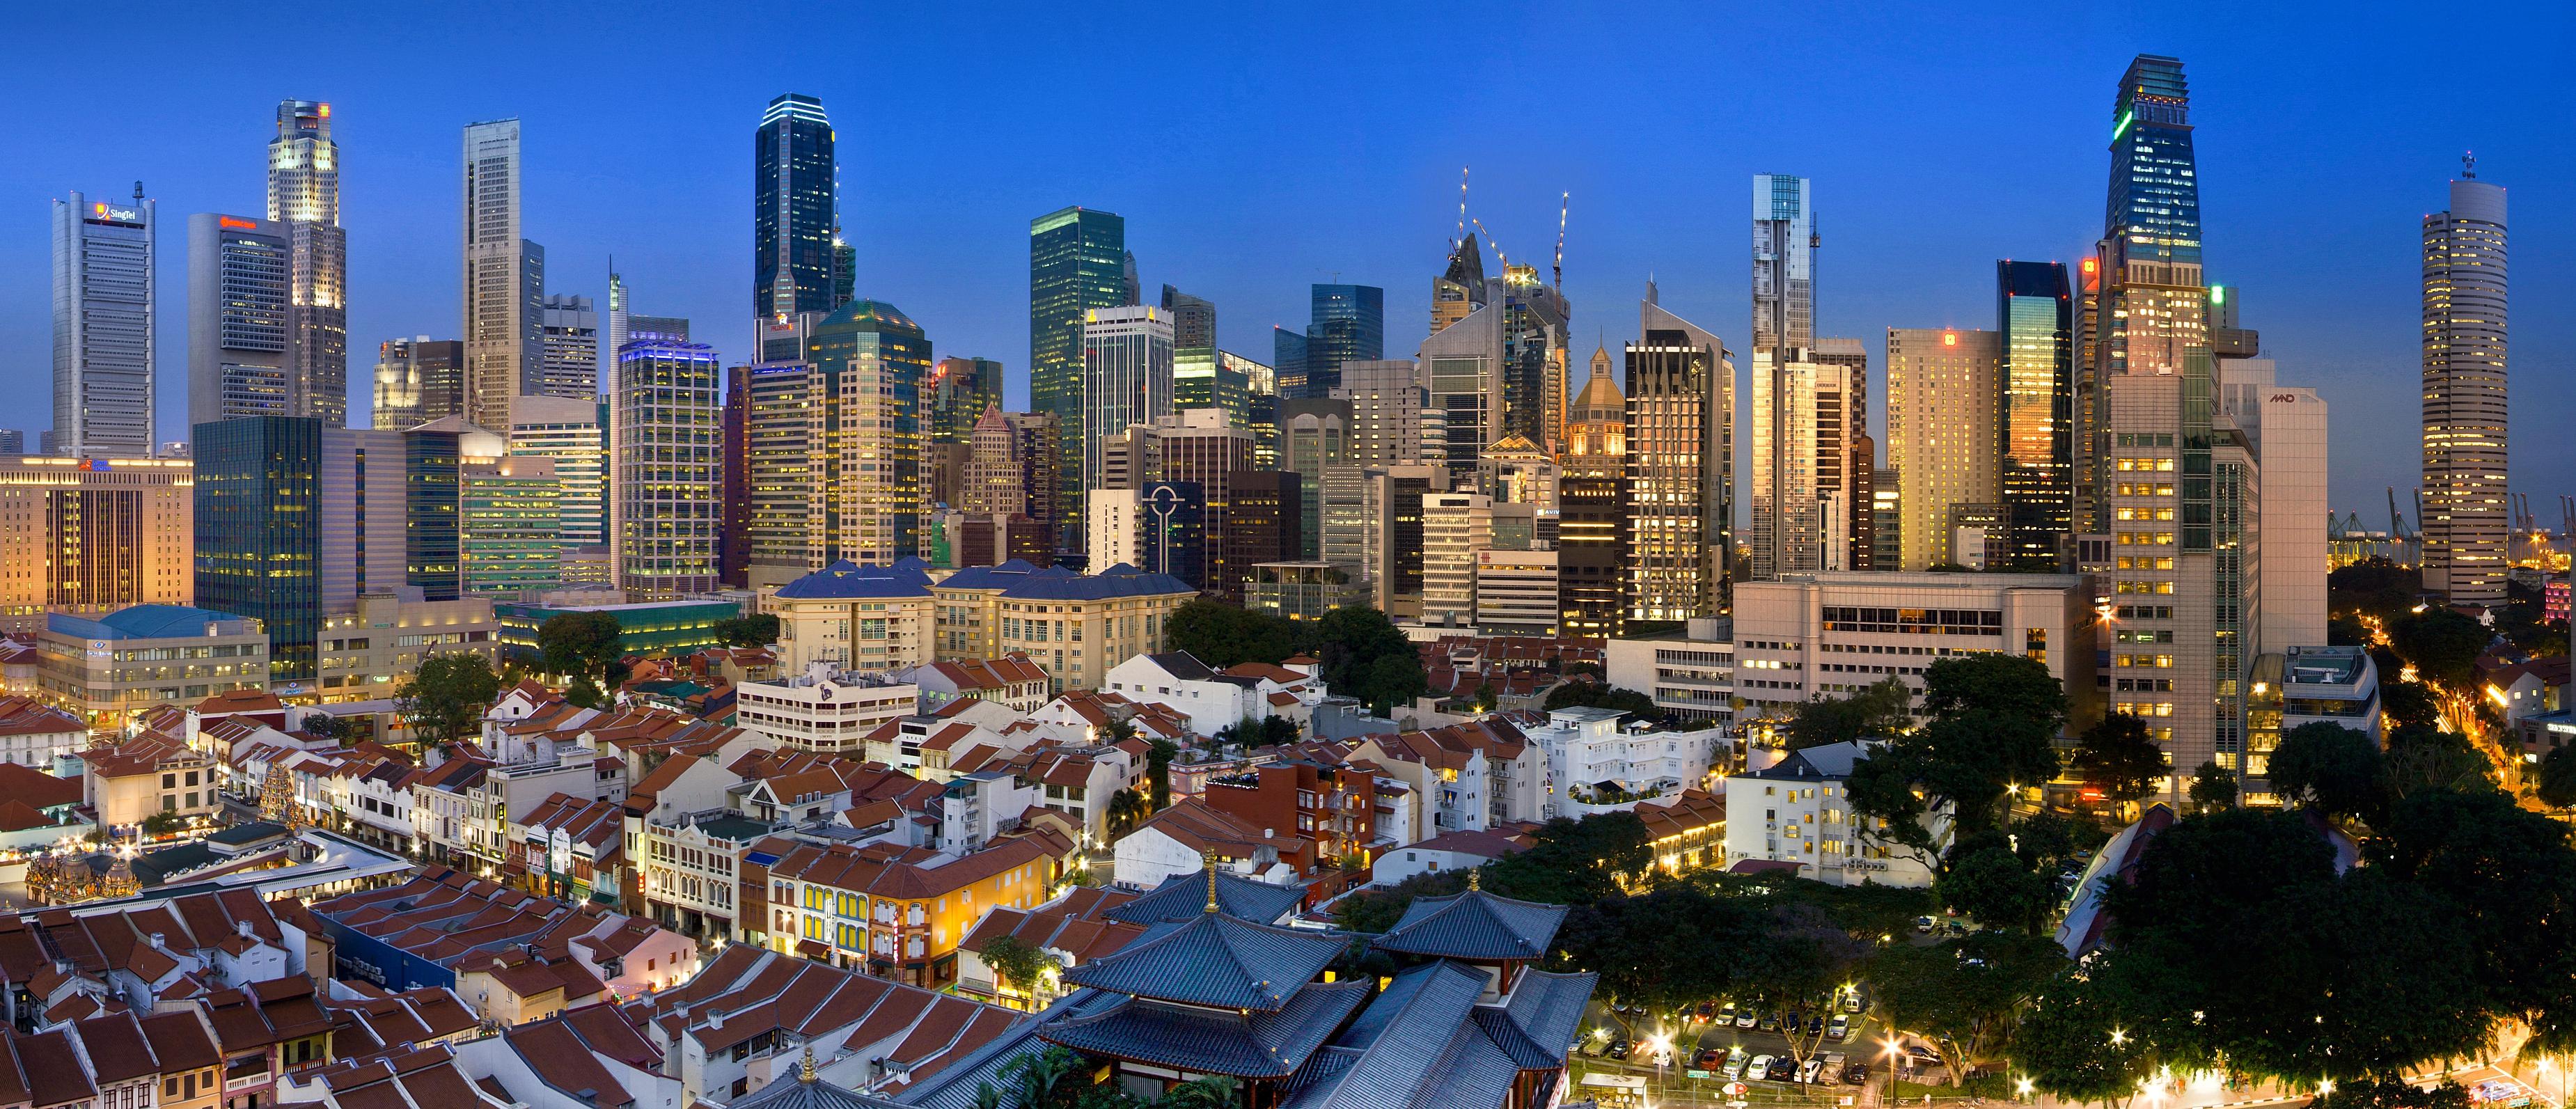 Singapore Panorama v2.jpg